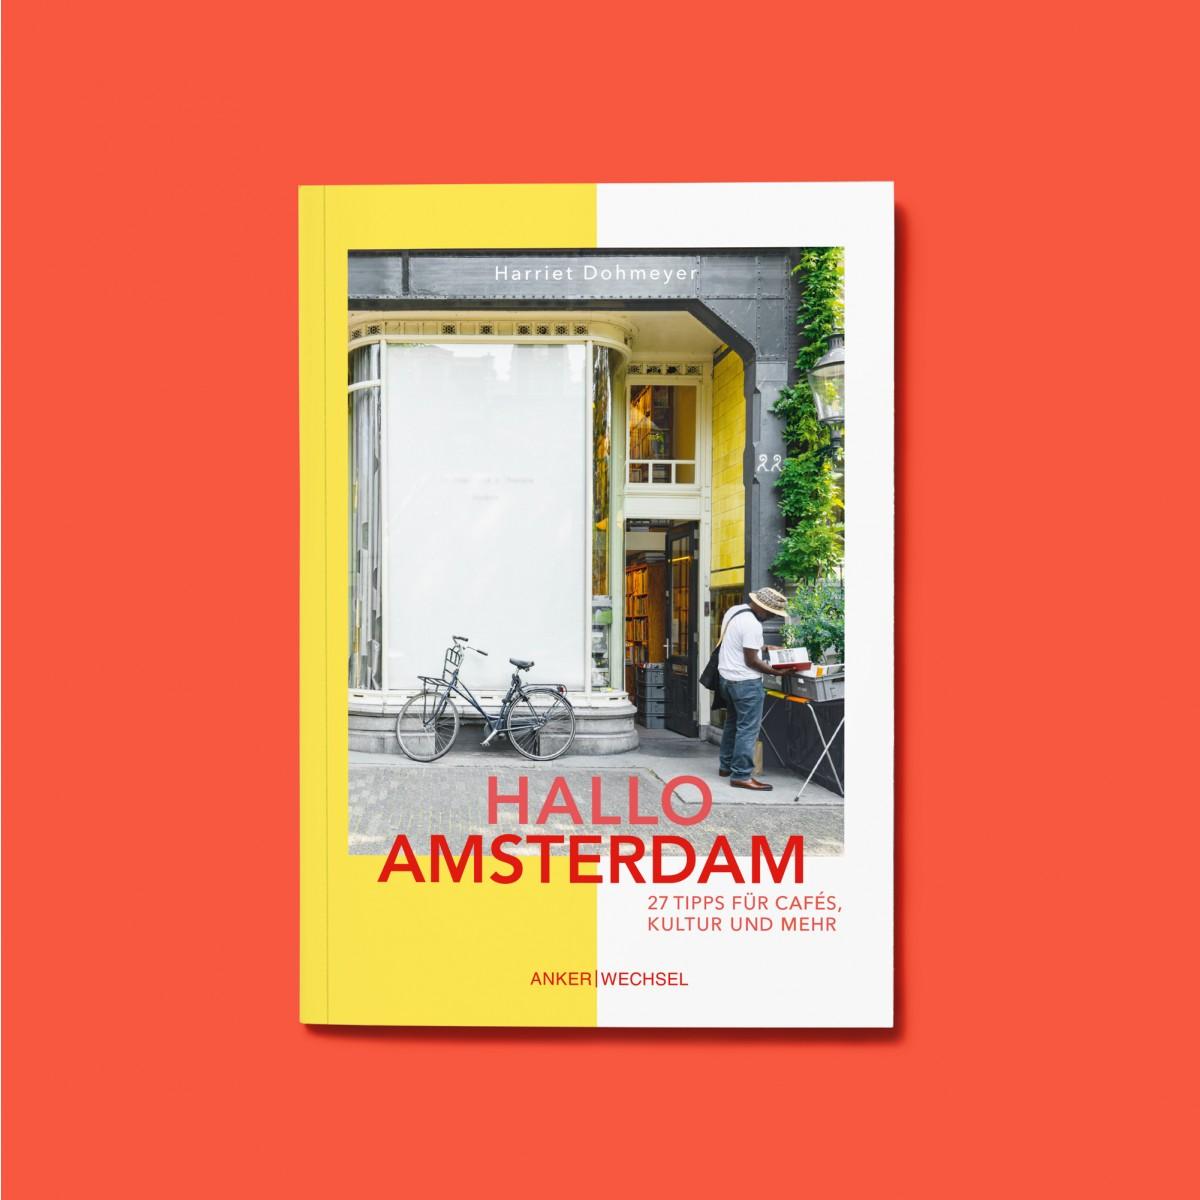 'Hallo Amsterdam': Kulinarik, Kultur, Cafés, Grachten und raue Lagerhallen / Ankerwechsel Verlag